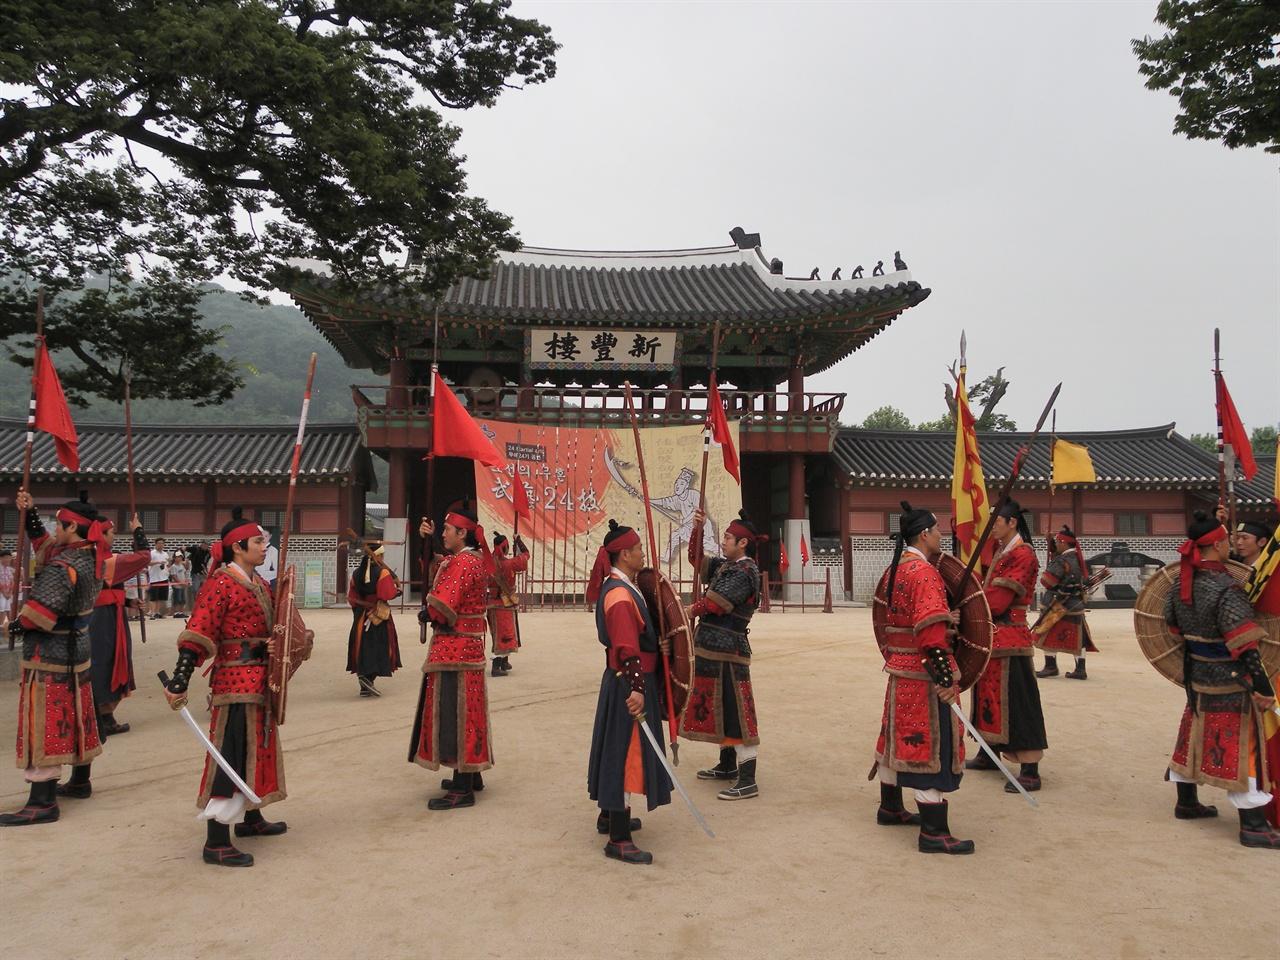 옛날 군인들의 훈련 모습. 경기도 수원시 화성행궁에서 찍은 사진.